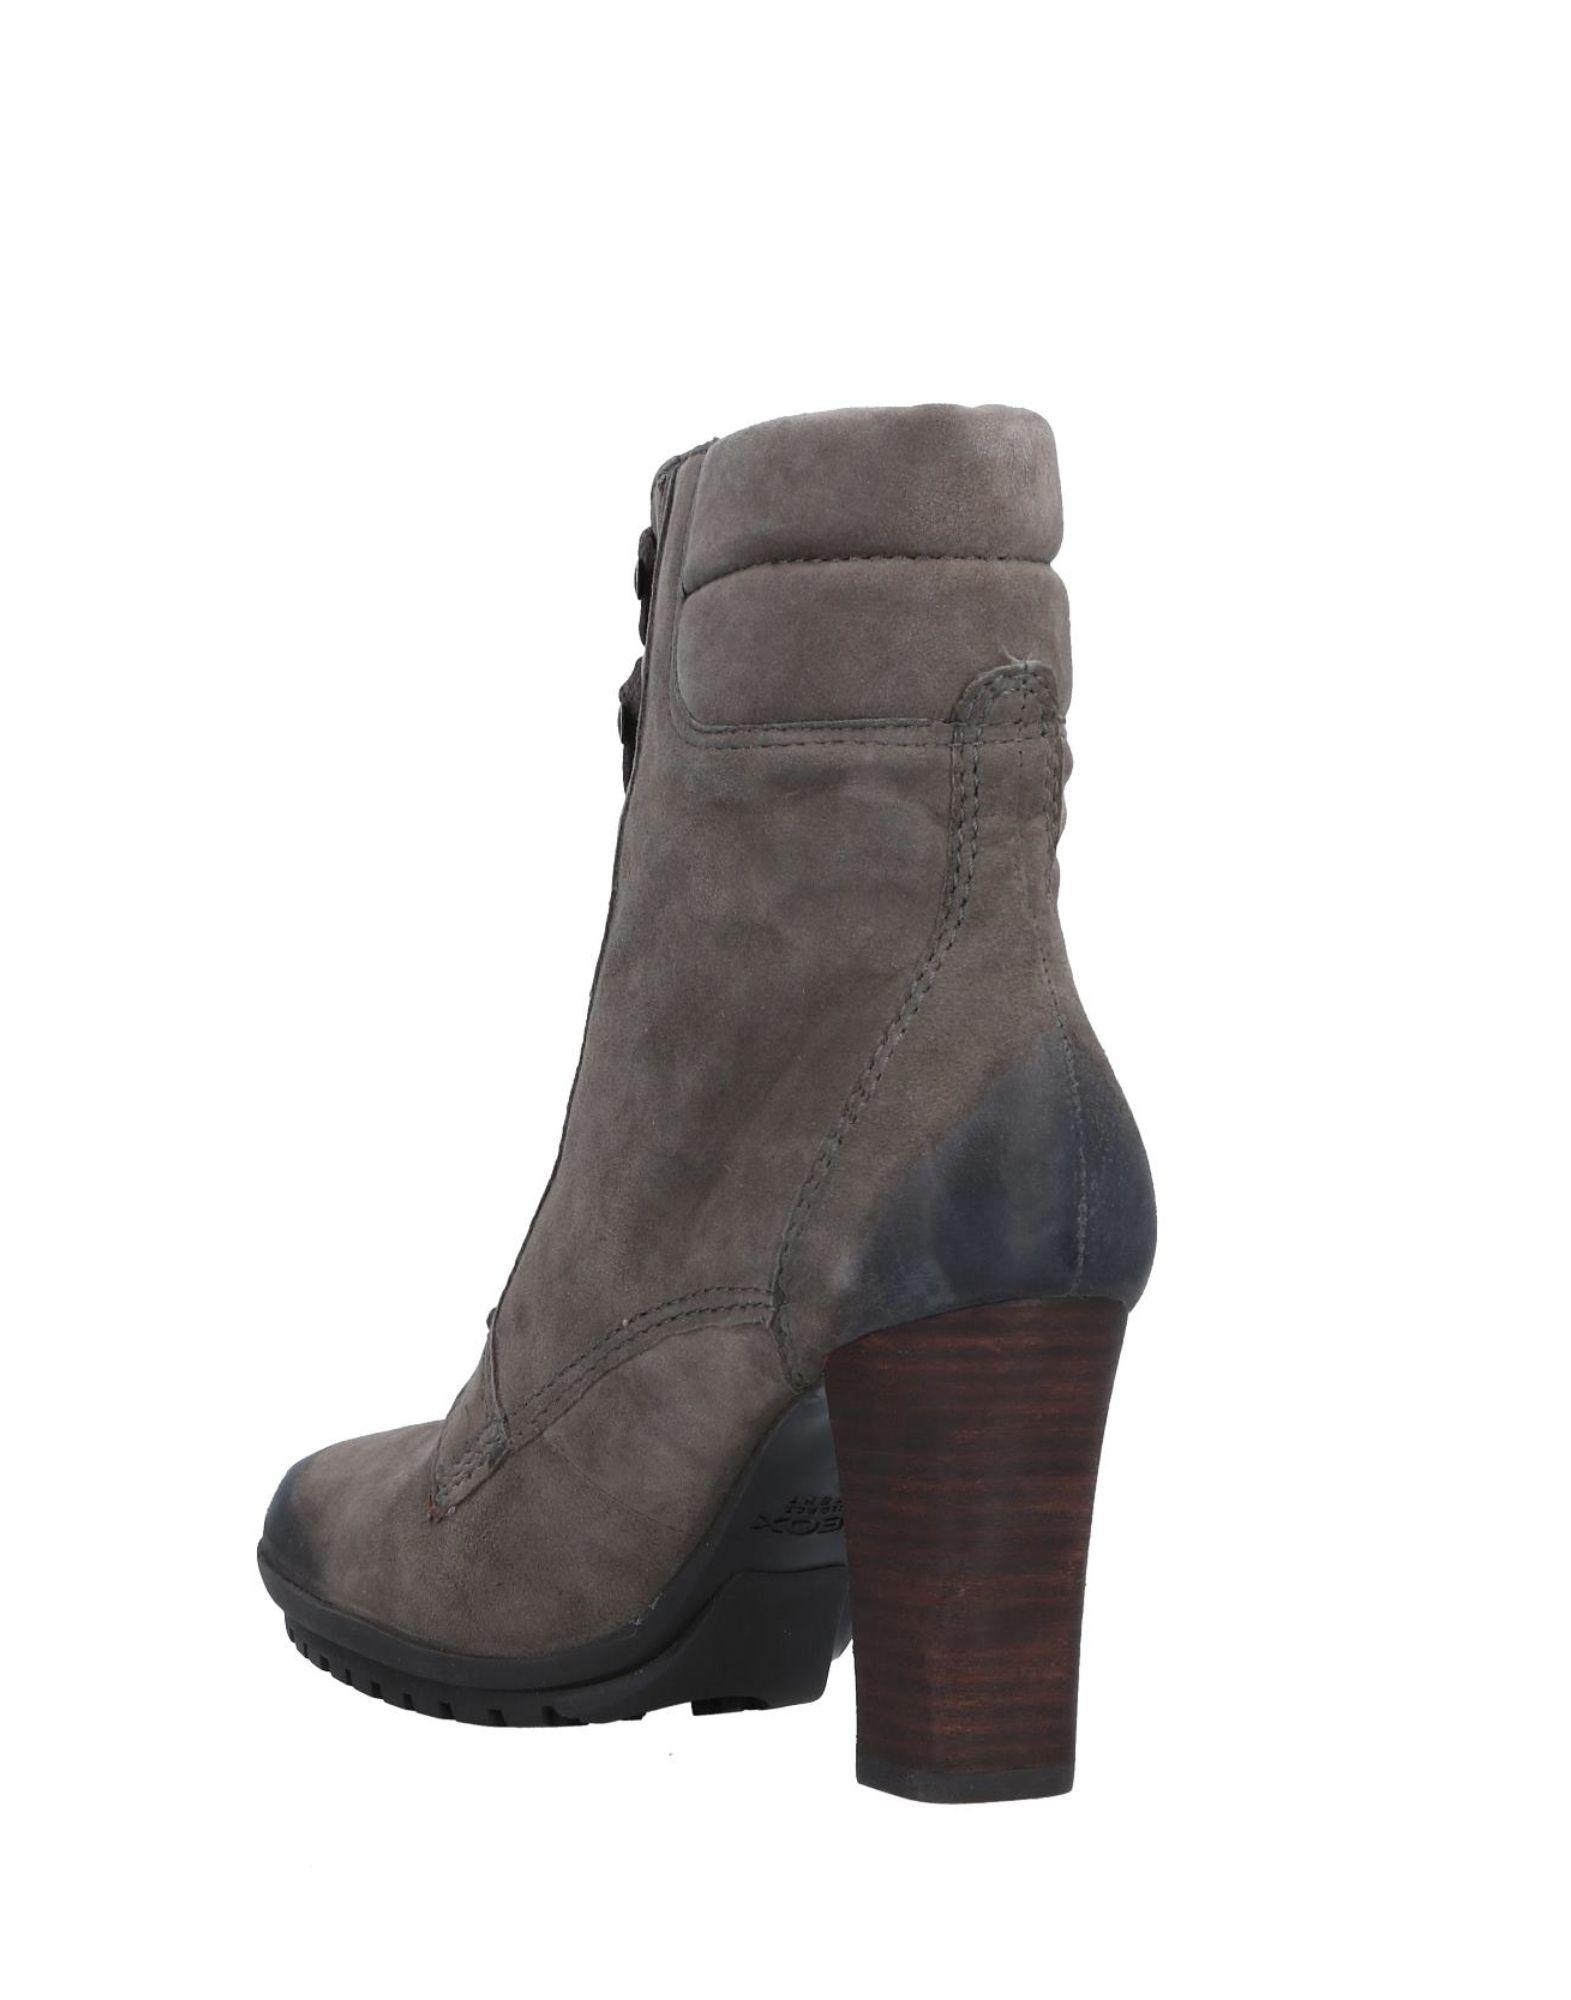 Geox Stiefelette Damen Schuhe  11537984SO Gute Qualität beliebte Schuhe Damen 5f2319